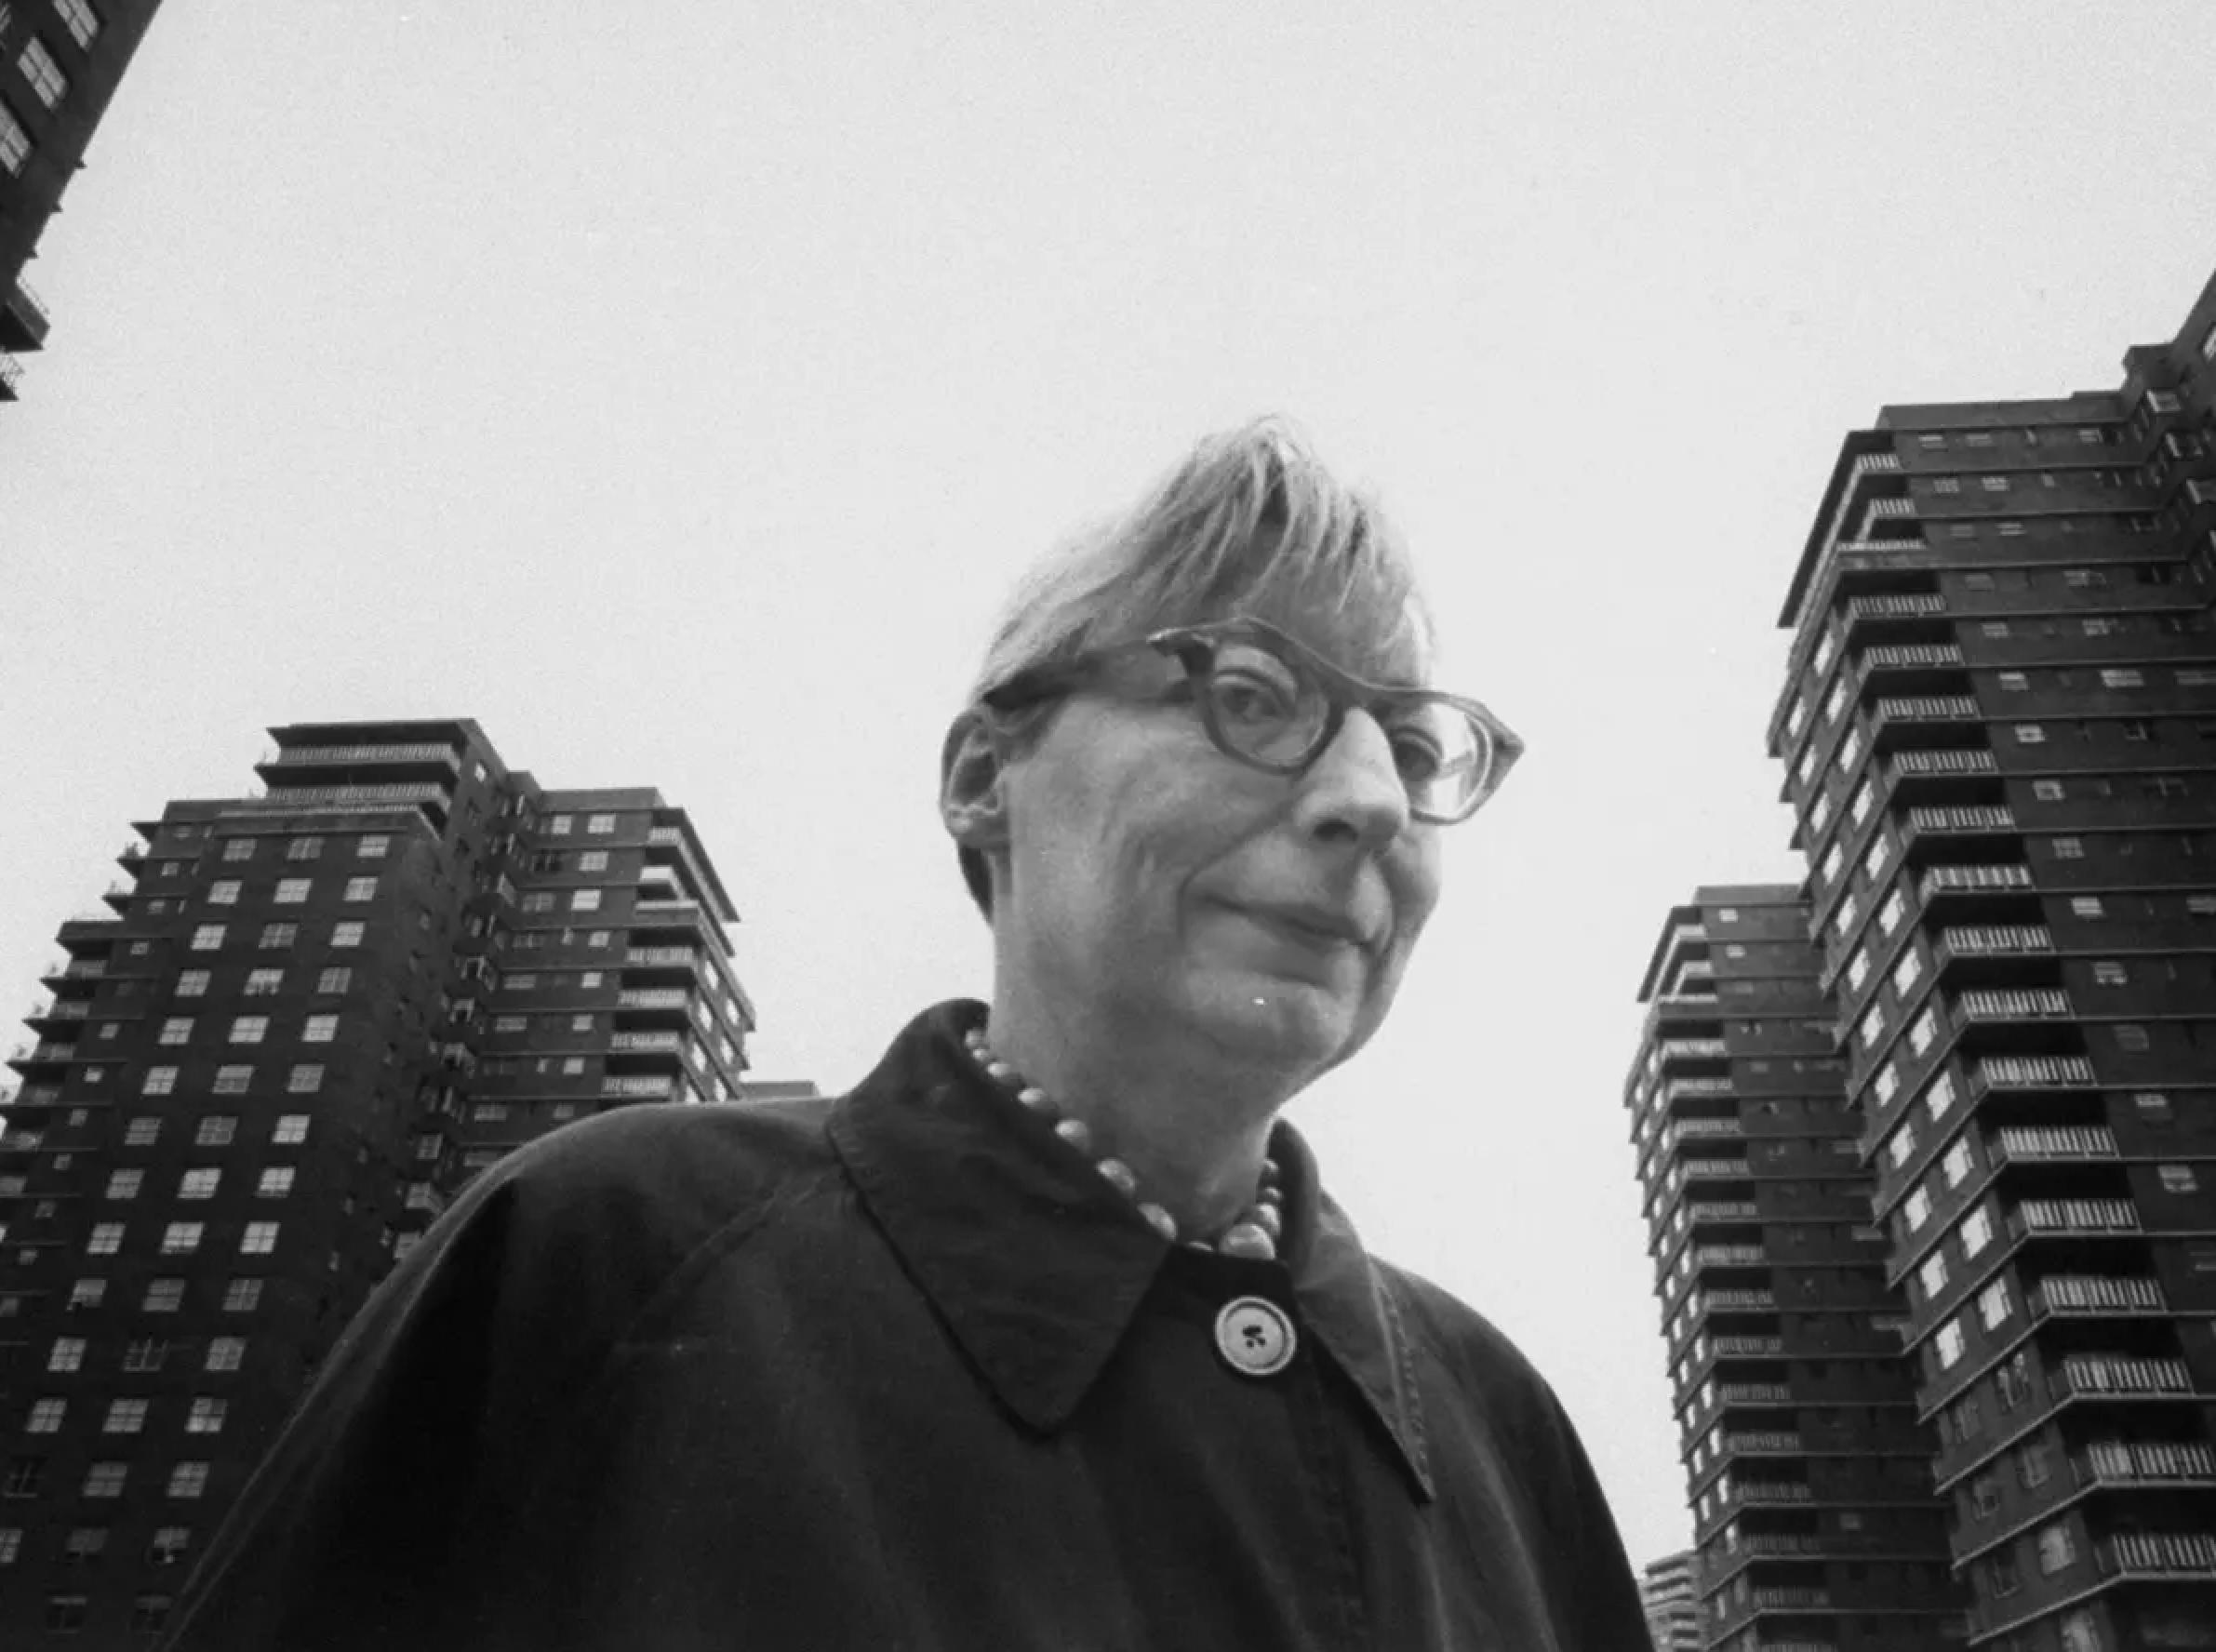 «Безпека на вулицях забезпечується не поліцією, парканами чи камерами» — про «Смерть і життя великих американських міст» Джейн Джейкобс